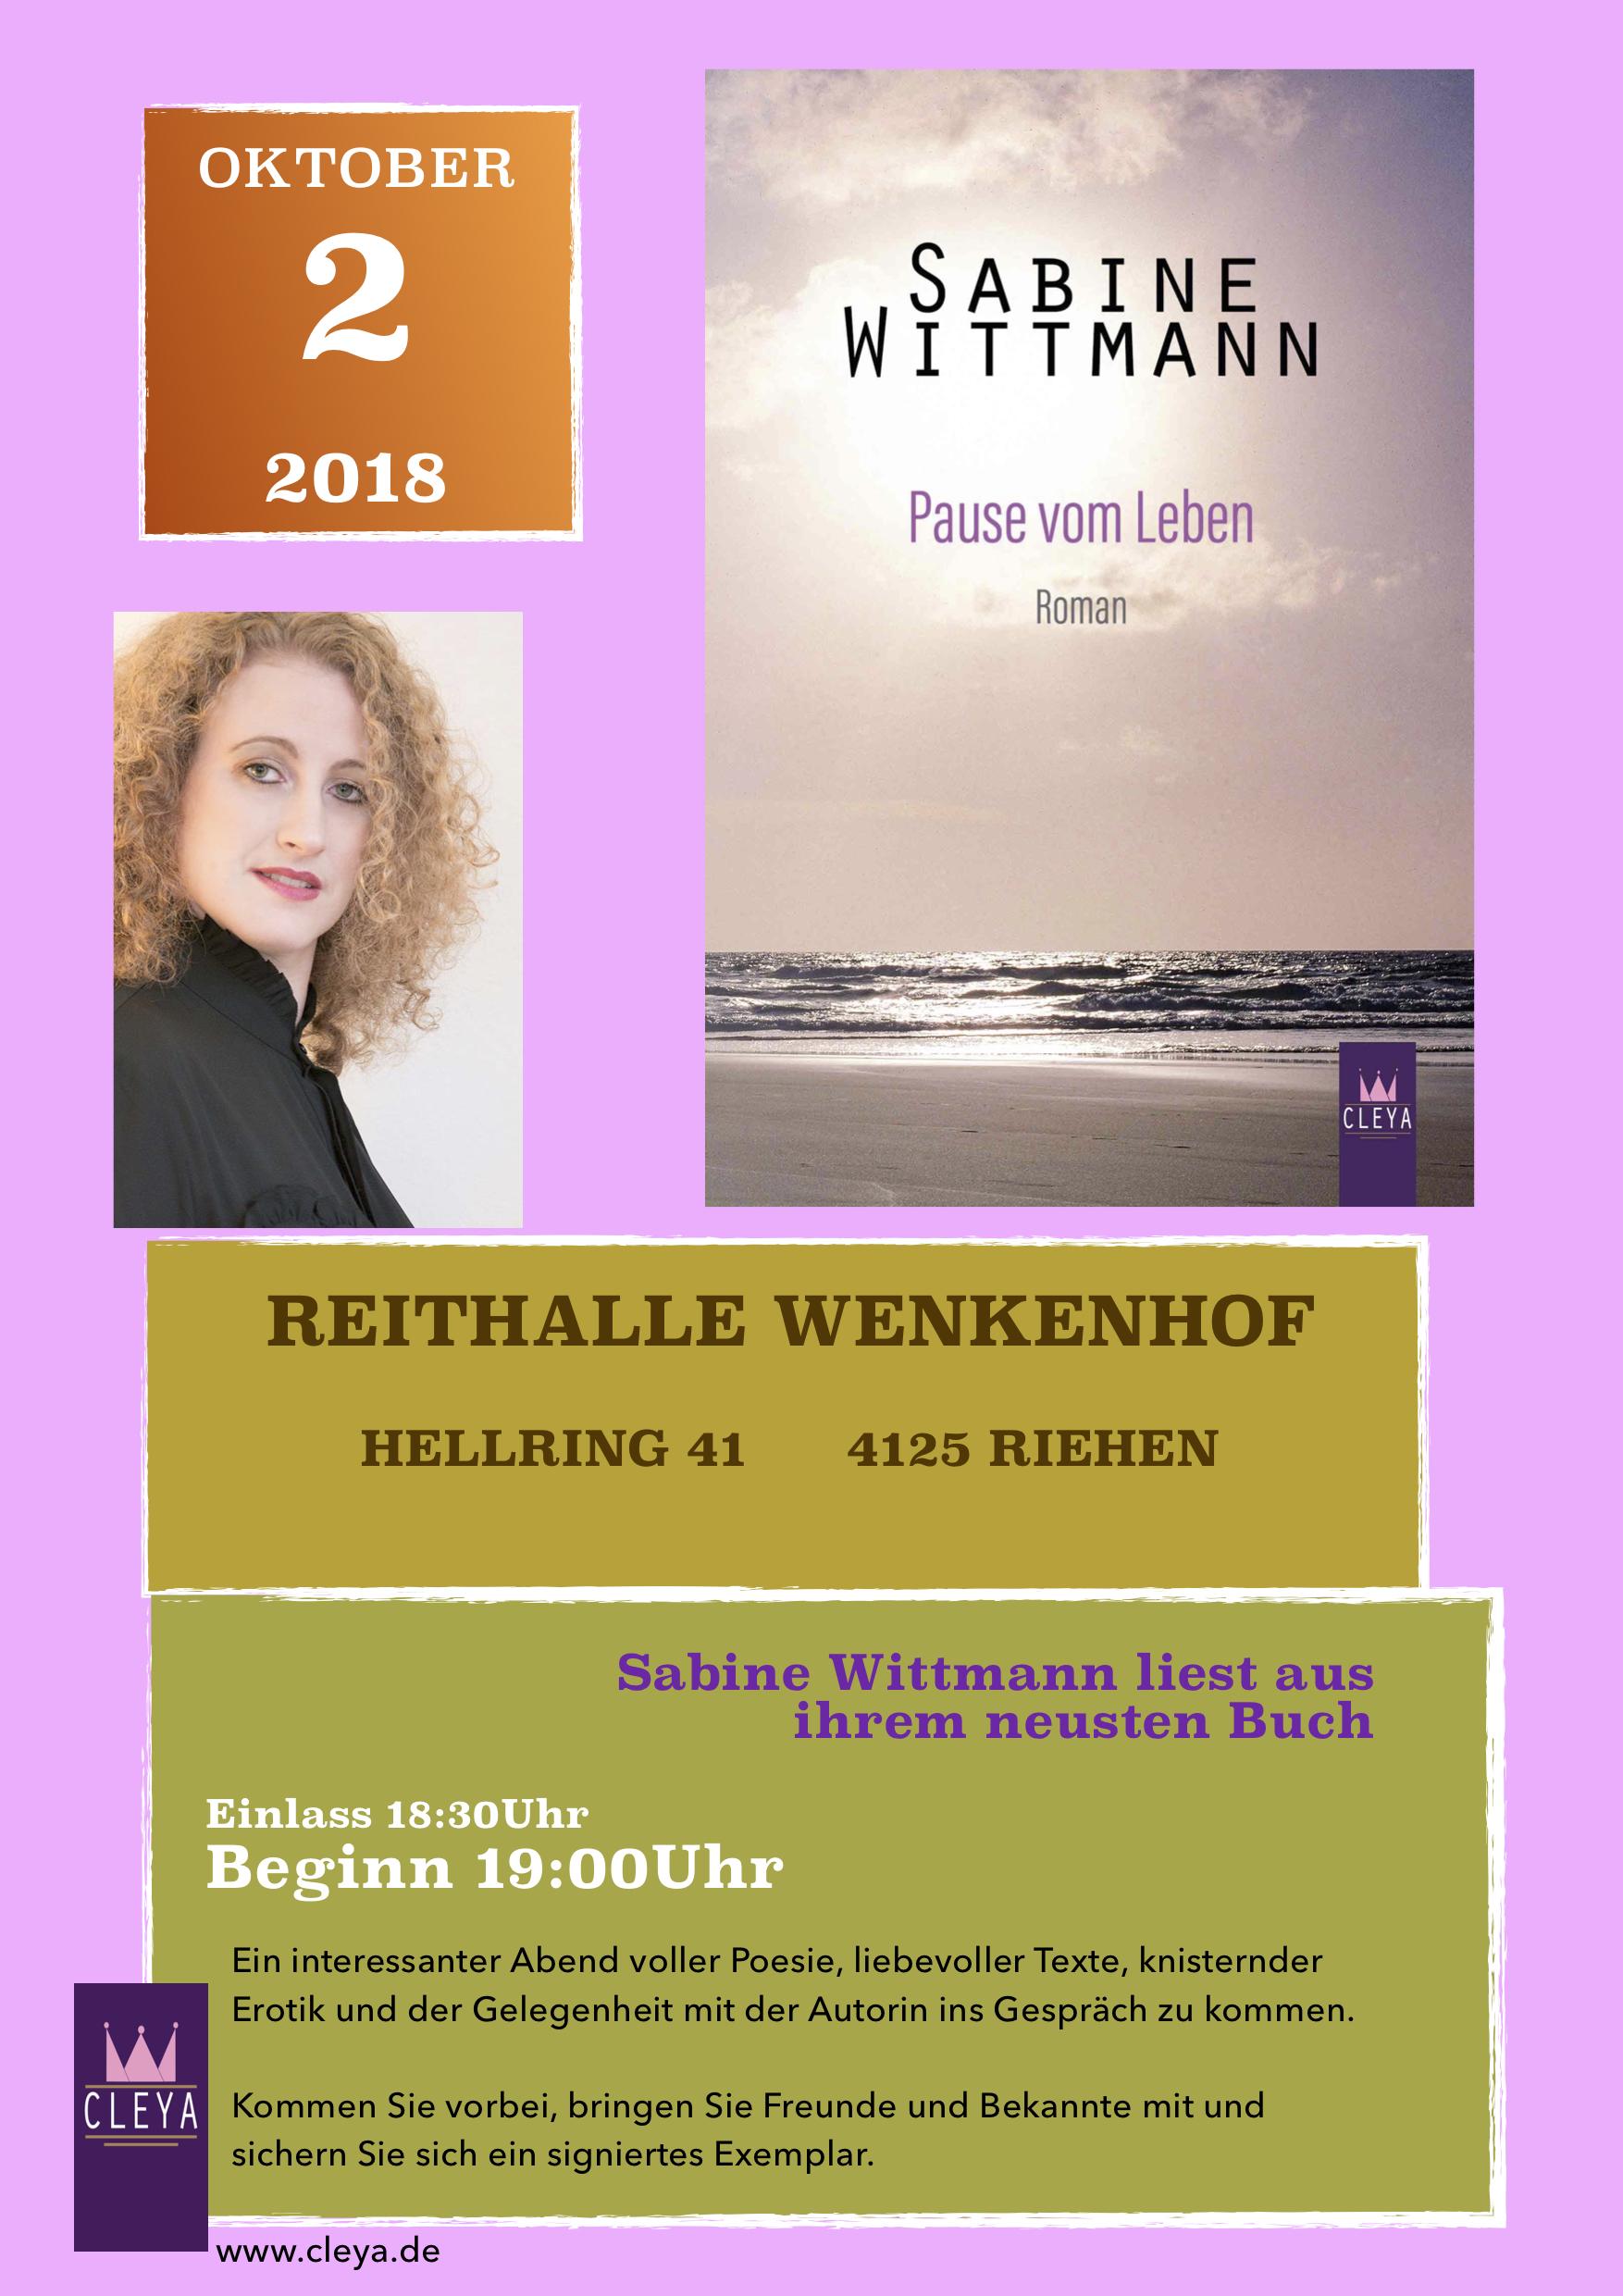 Sabine Wittmann, Pause vom Leben